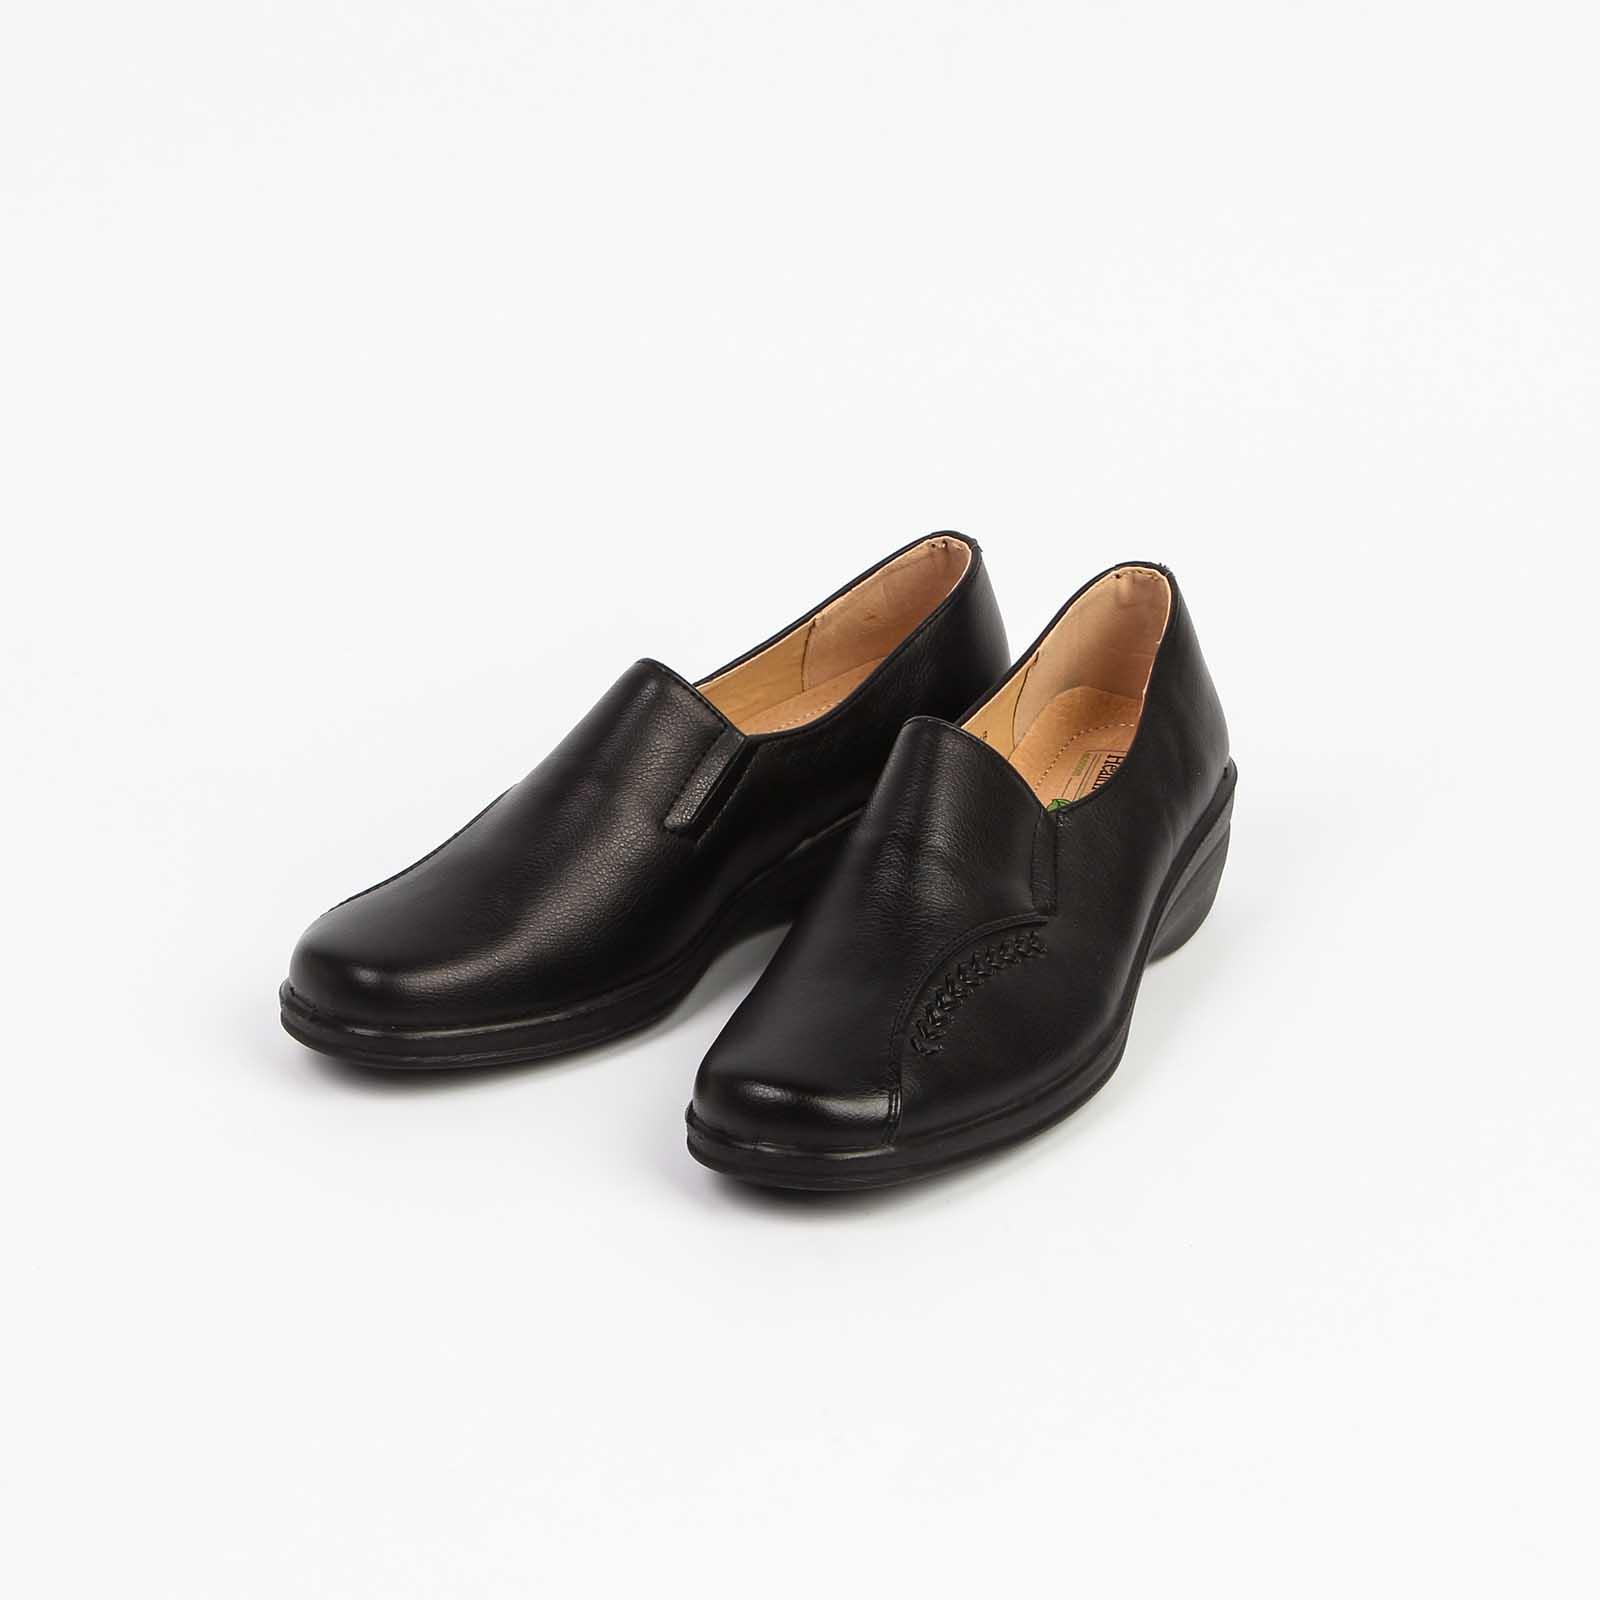 Туфли женские перфорированные с прострочкой на мысу